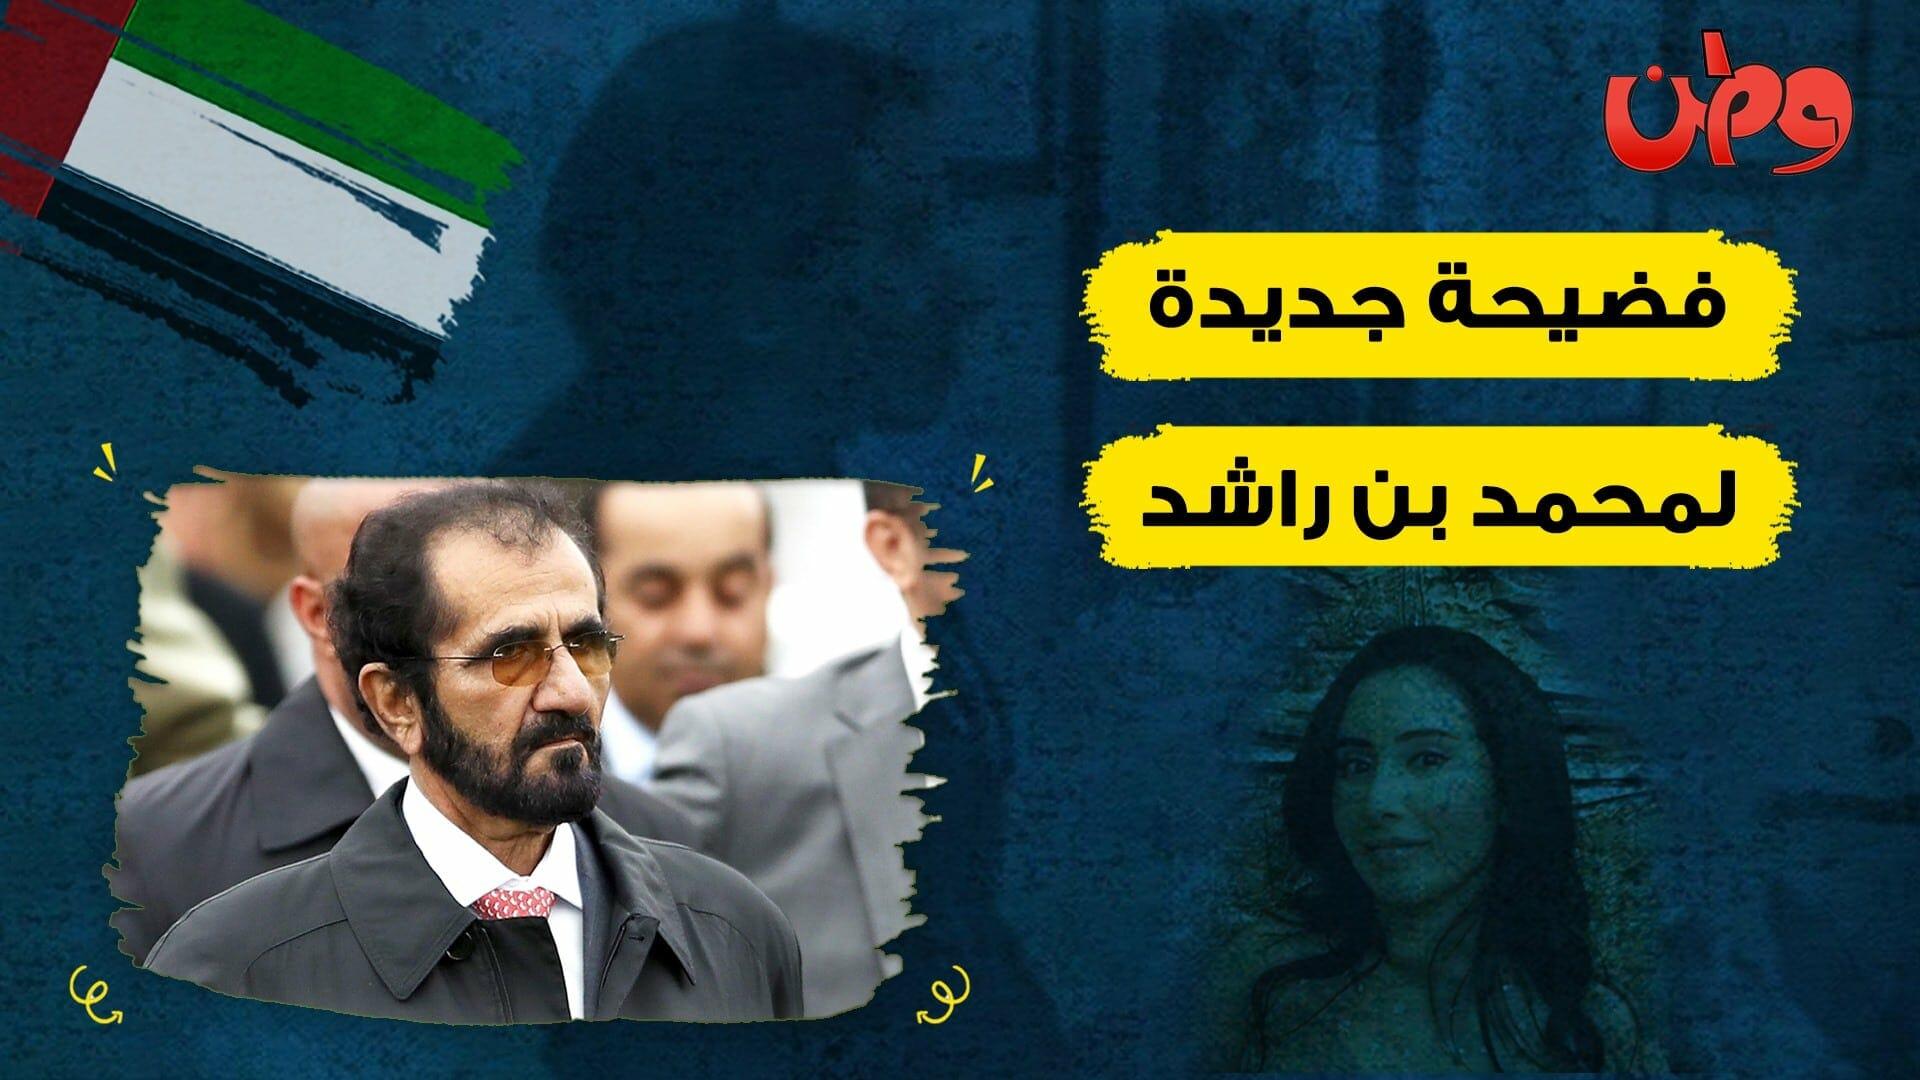 فضيحة محمد بن راشد